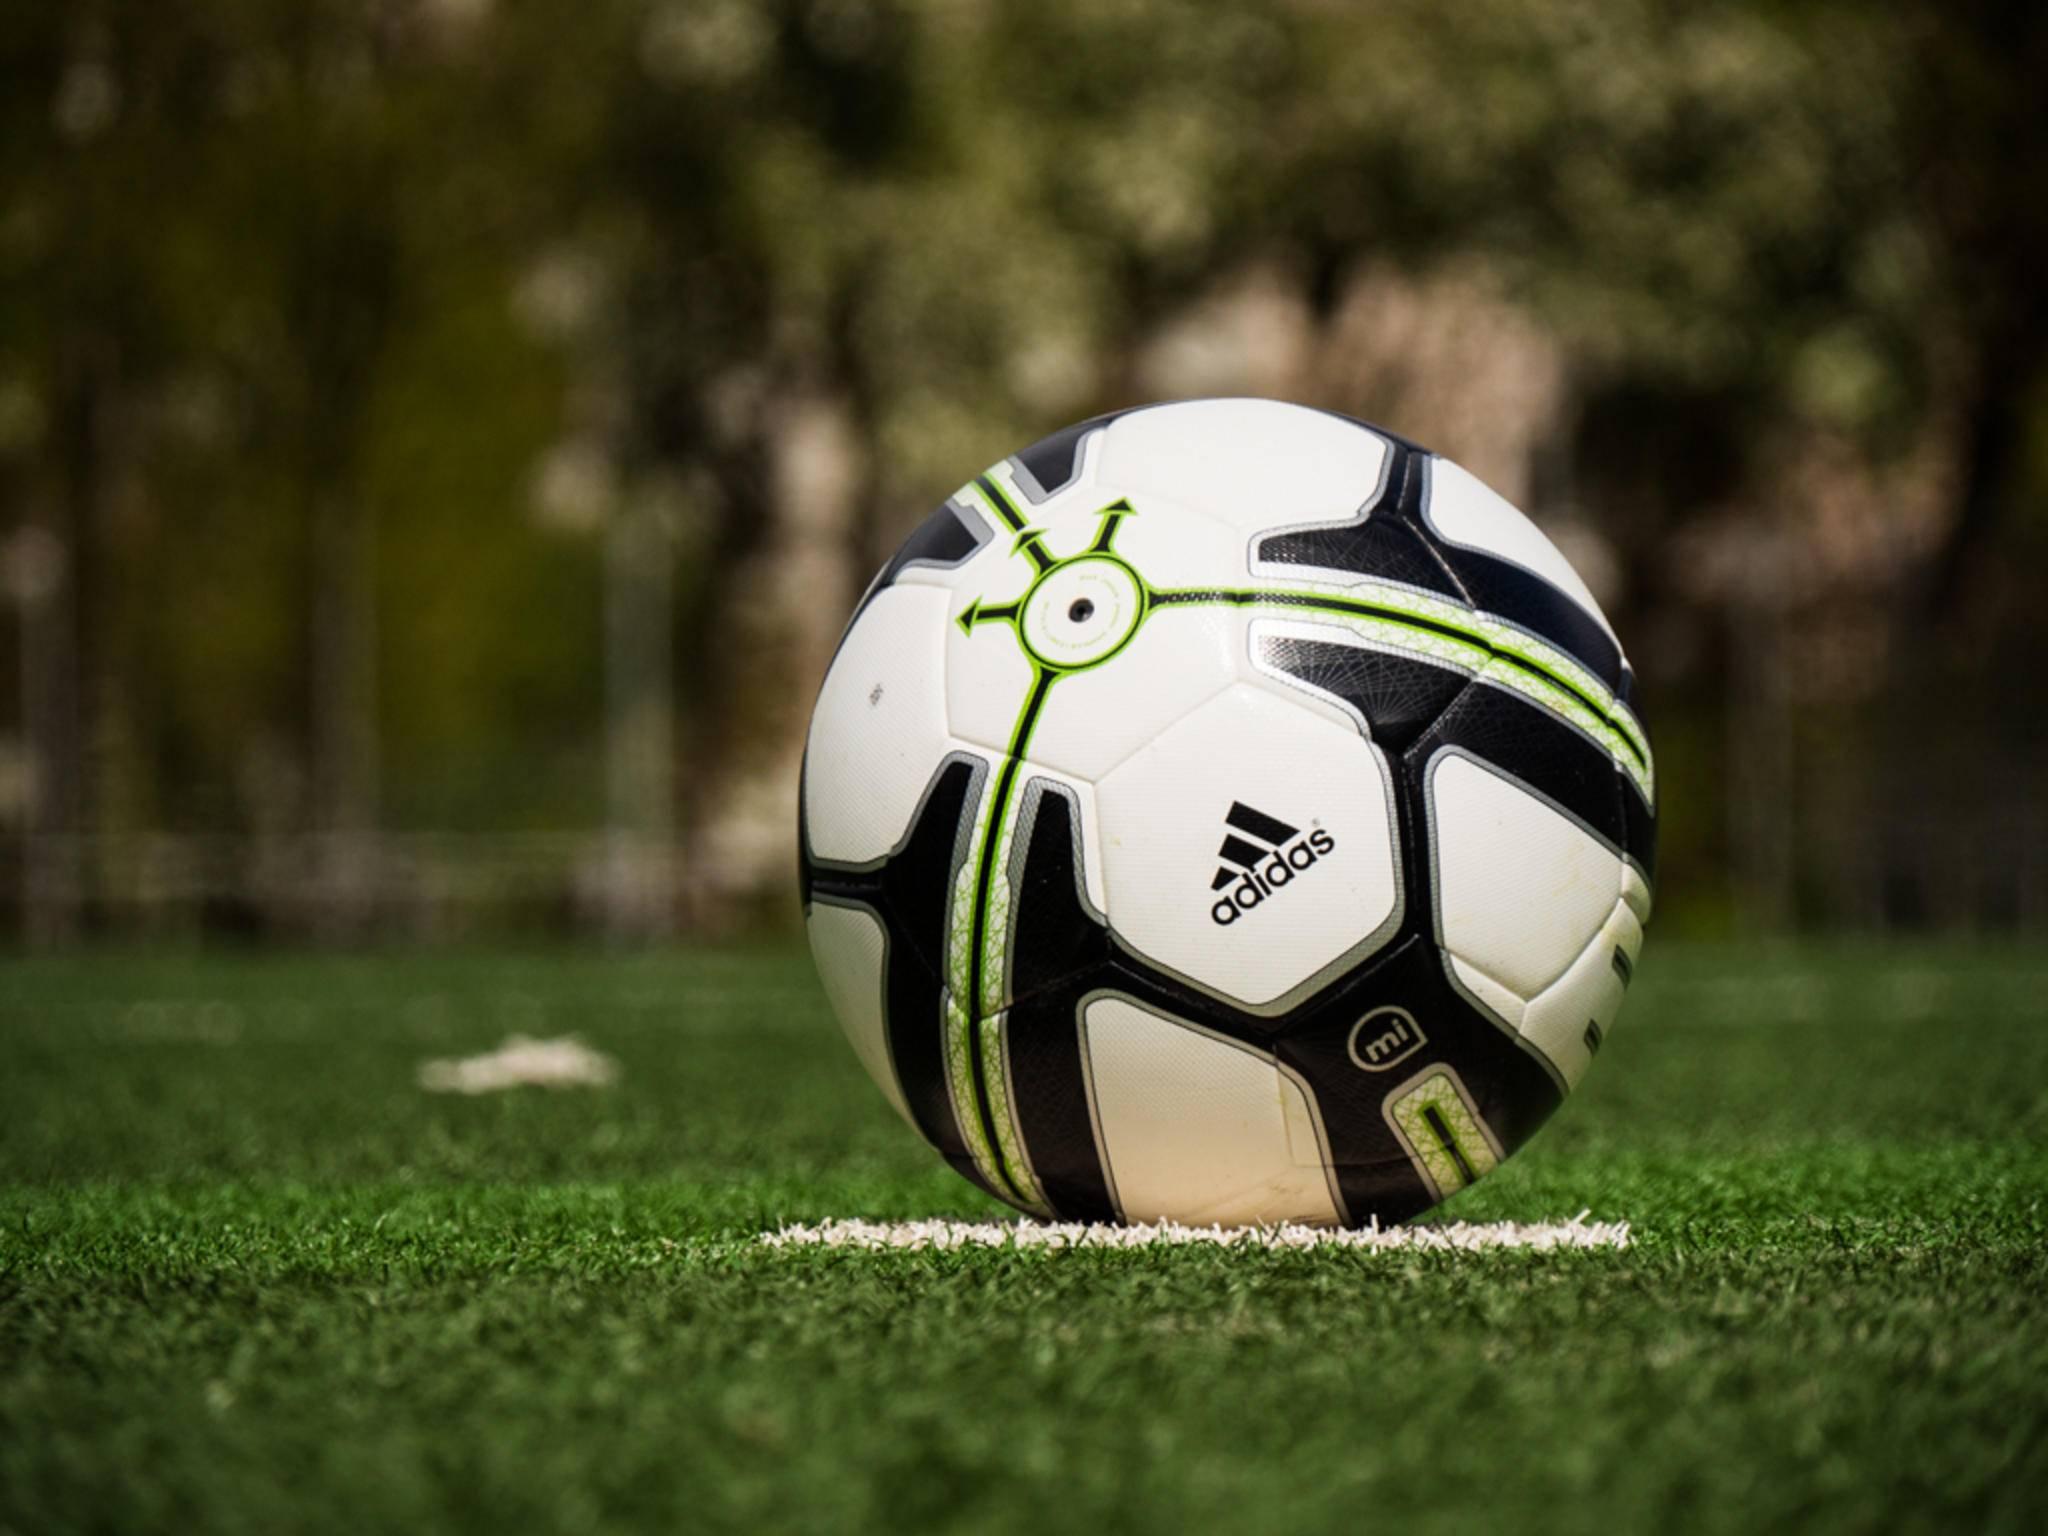 Das Spielgefühl ist dennoch ein anderes als das eines herkömmlichen Fußballs.